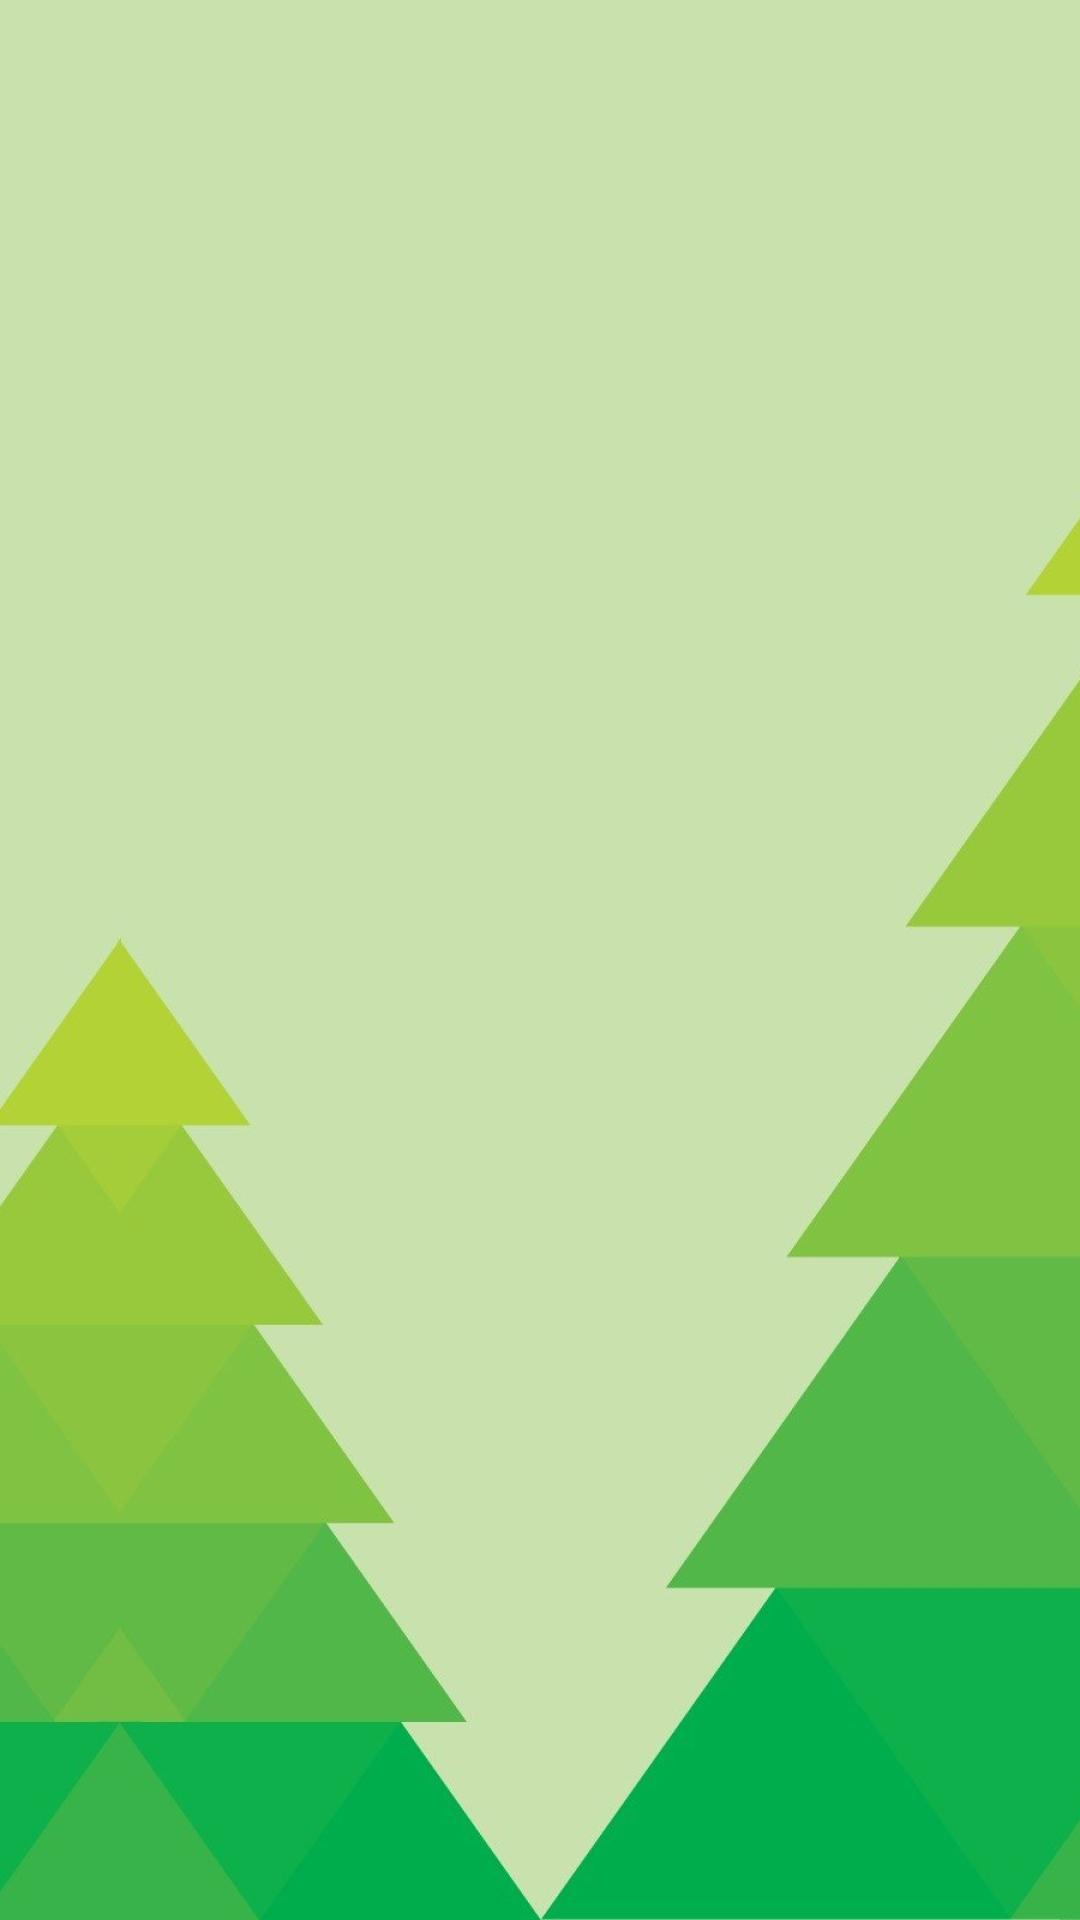 Minimalist Green, Full HD 2K Wallpaper